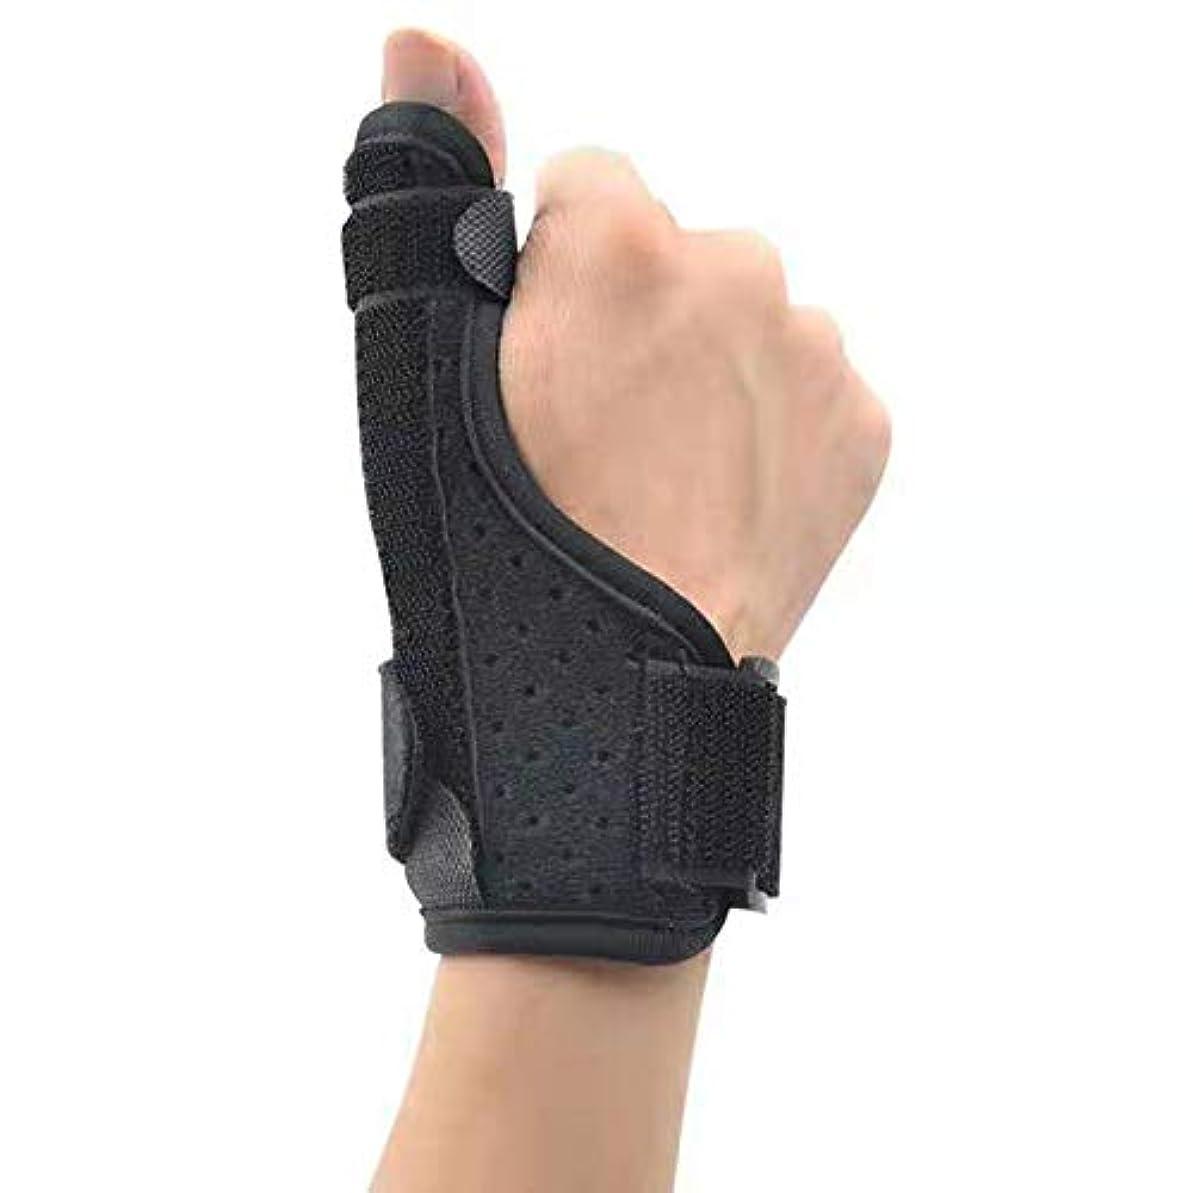 マットレス金属シーズン腱鞘炎トリガー手根管人の女性のために修正された唯一の1個手首のサポートサムスプリント手首ブレース指アーマー親指捻挫破壊